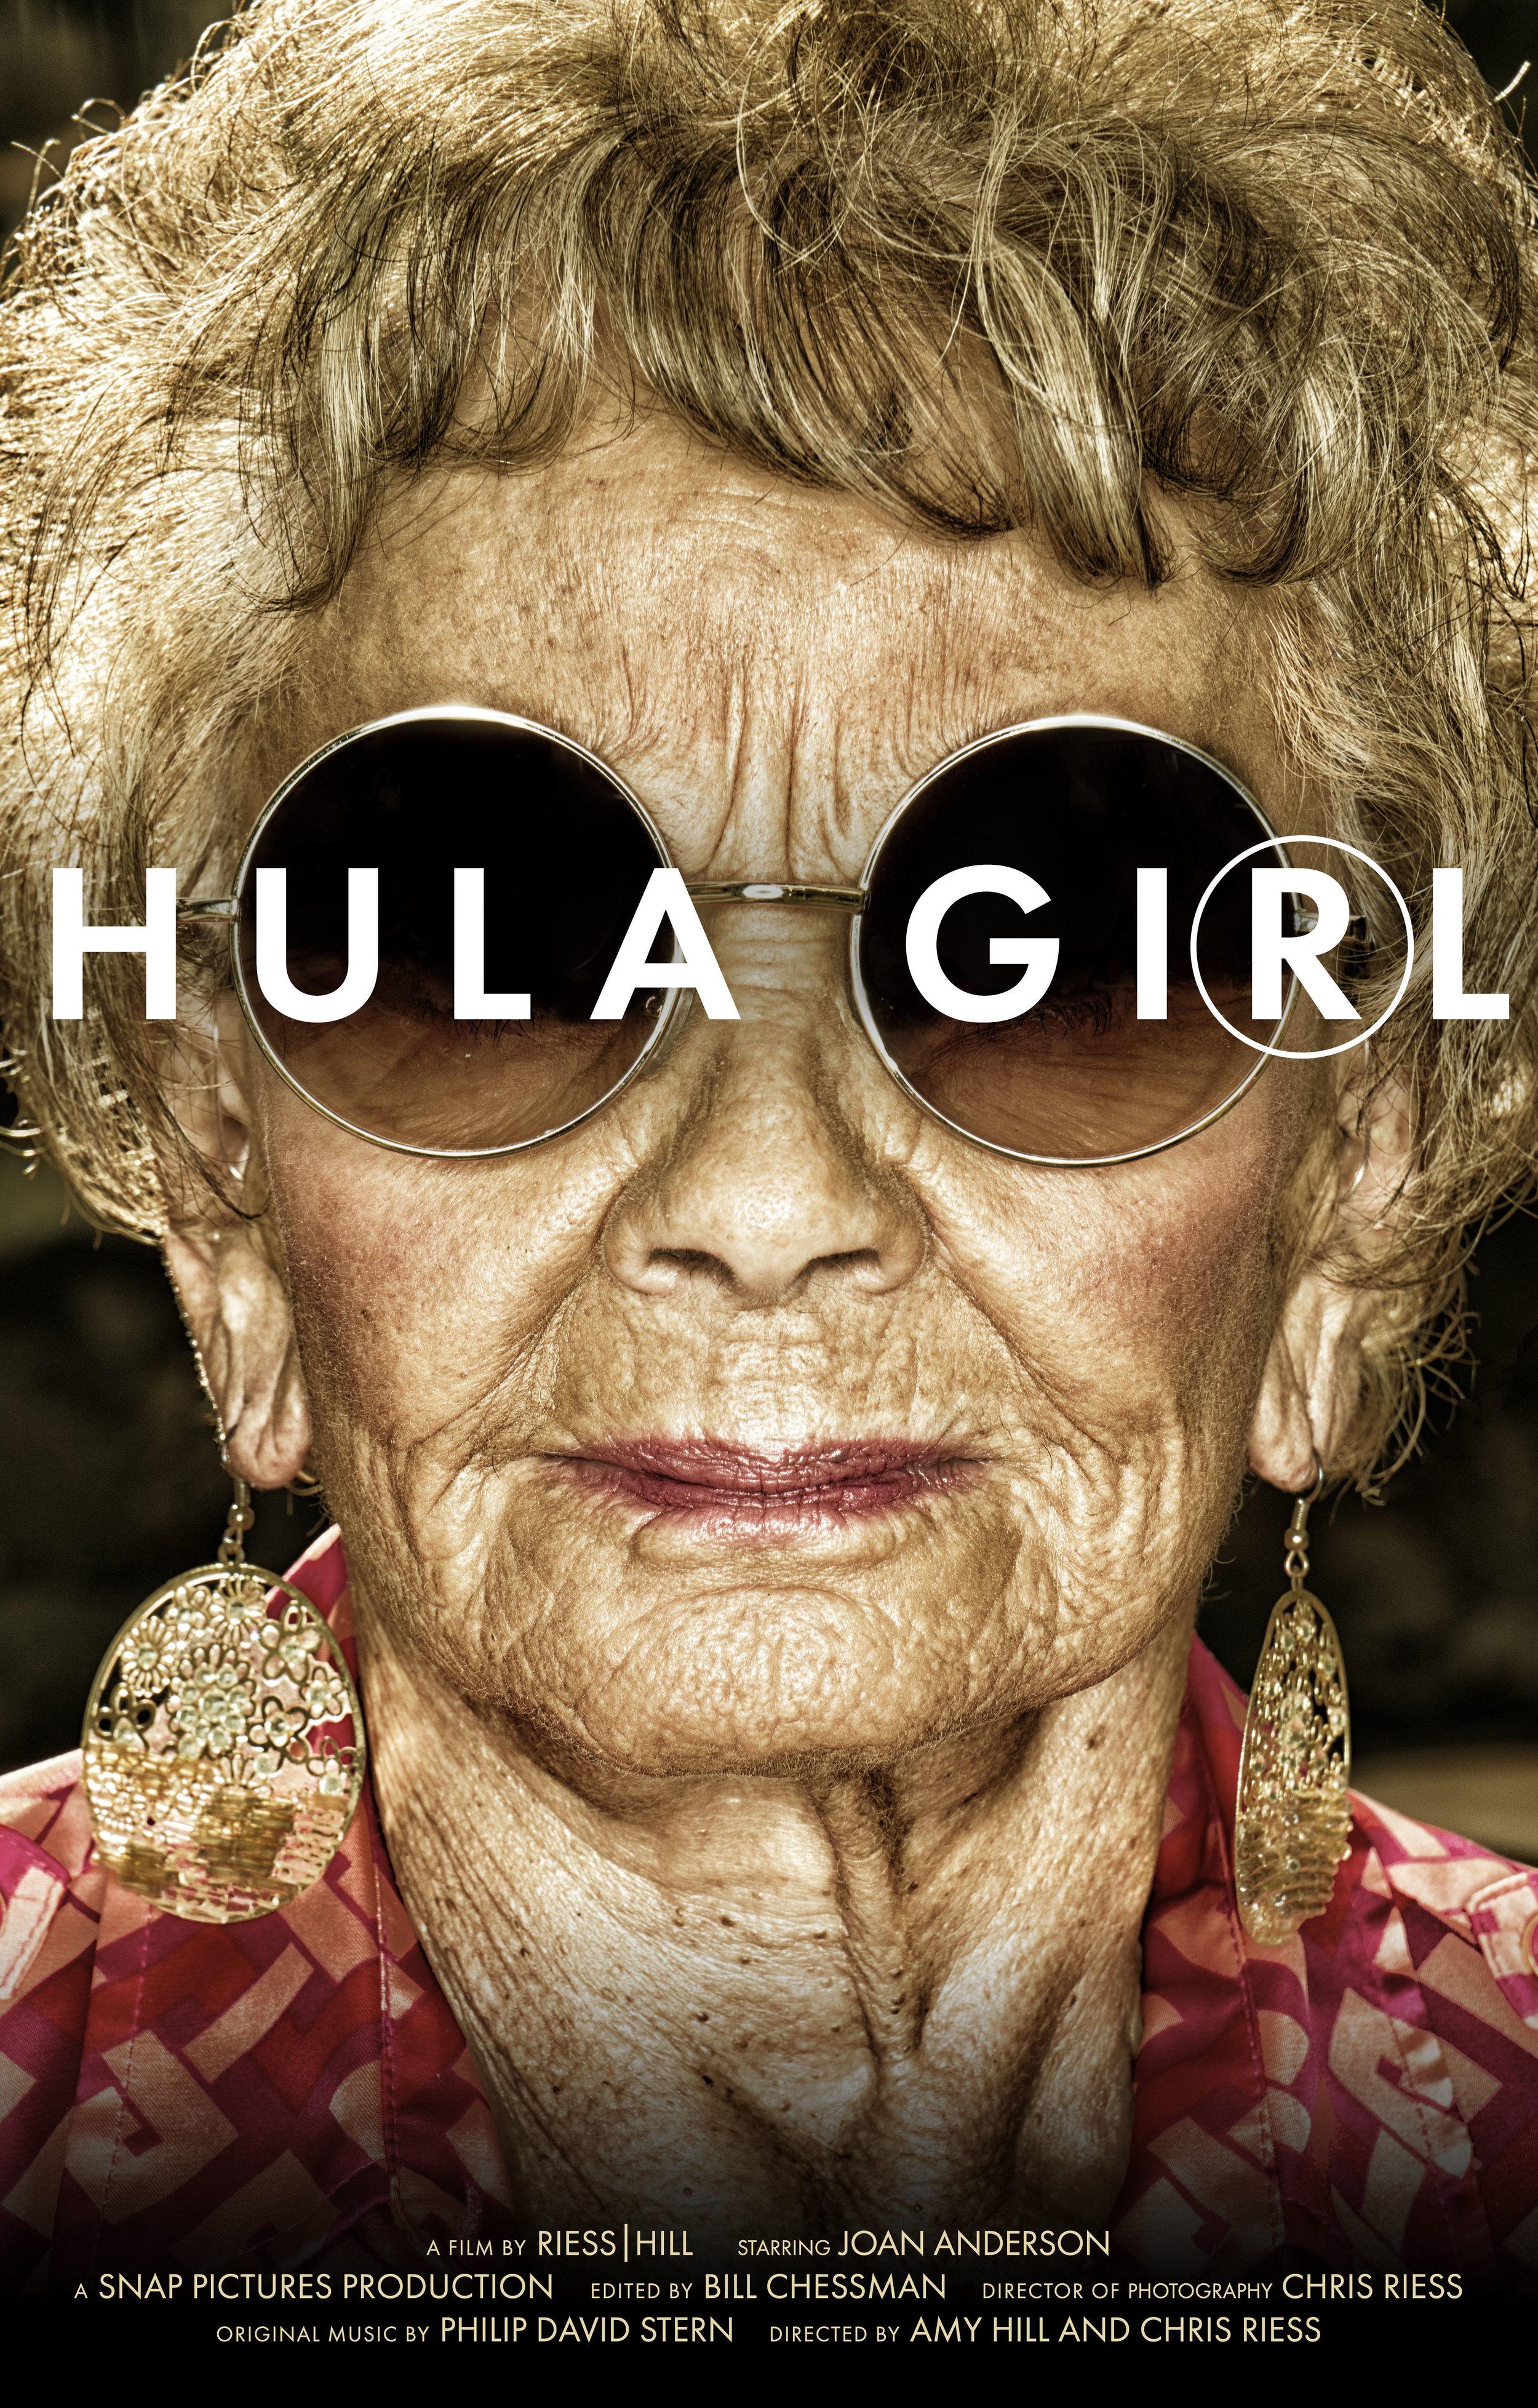 HulaGirl-Poster-no laurels-Compressed.jpg